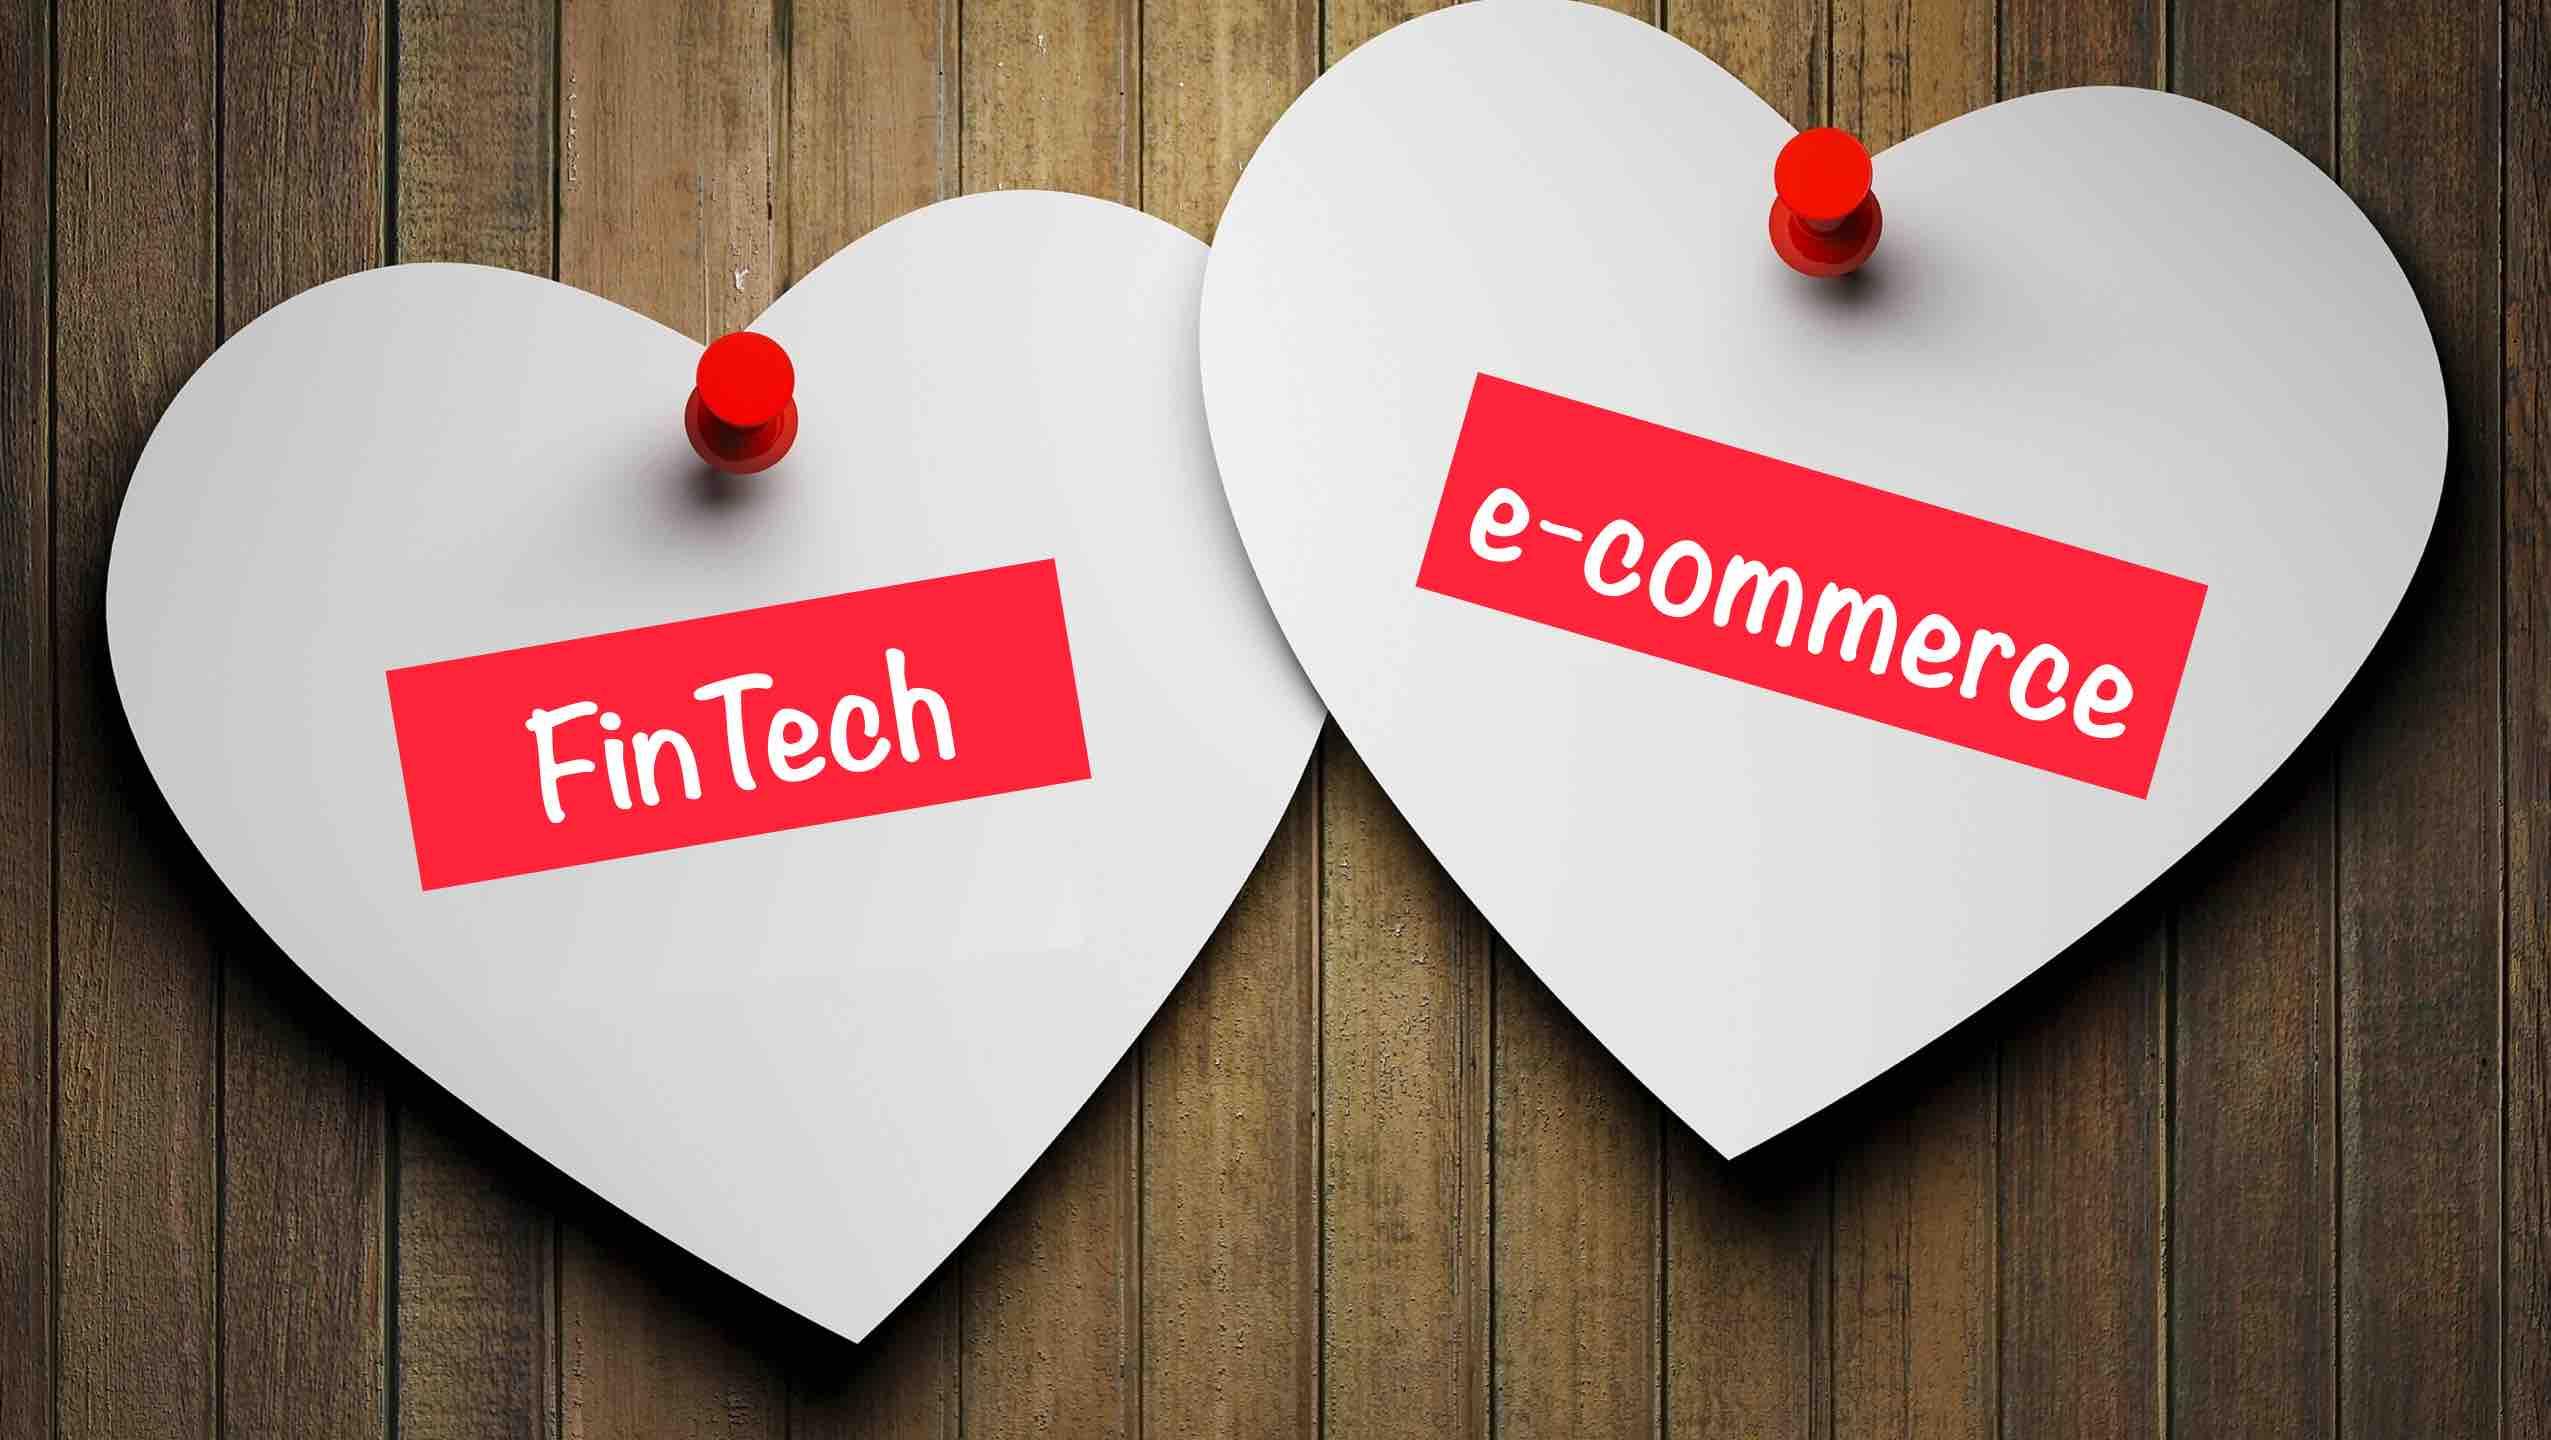 E-commerce lesz a hazai fintech kitörési lehetősége